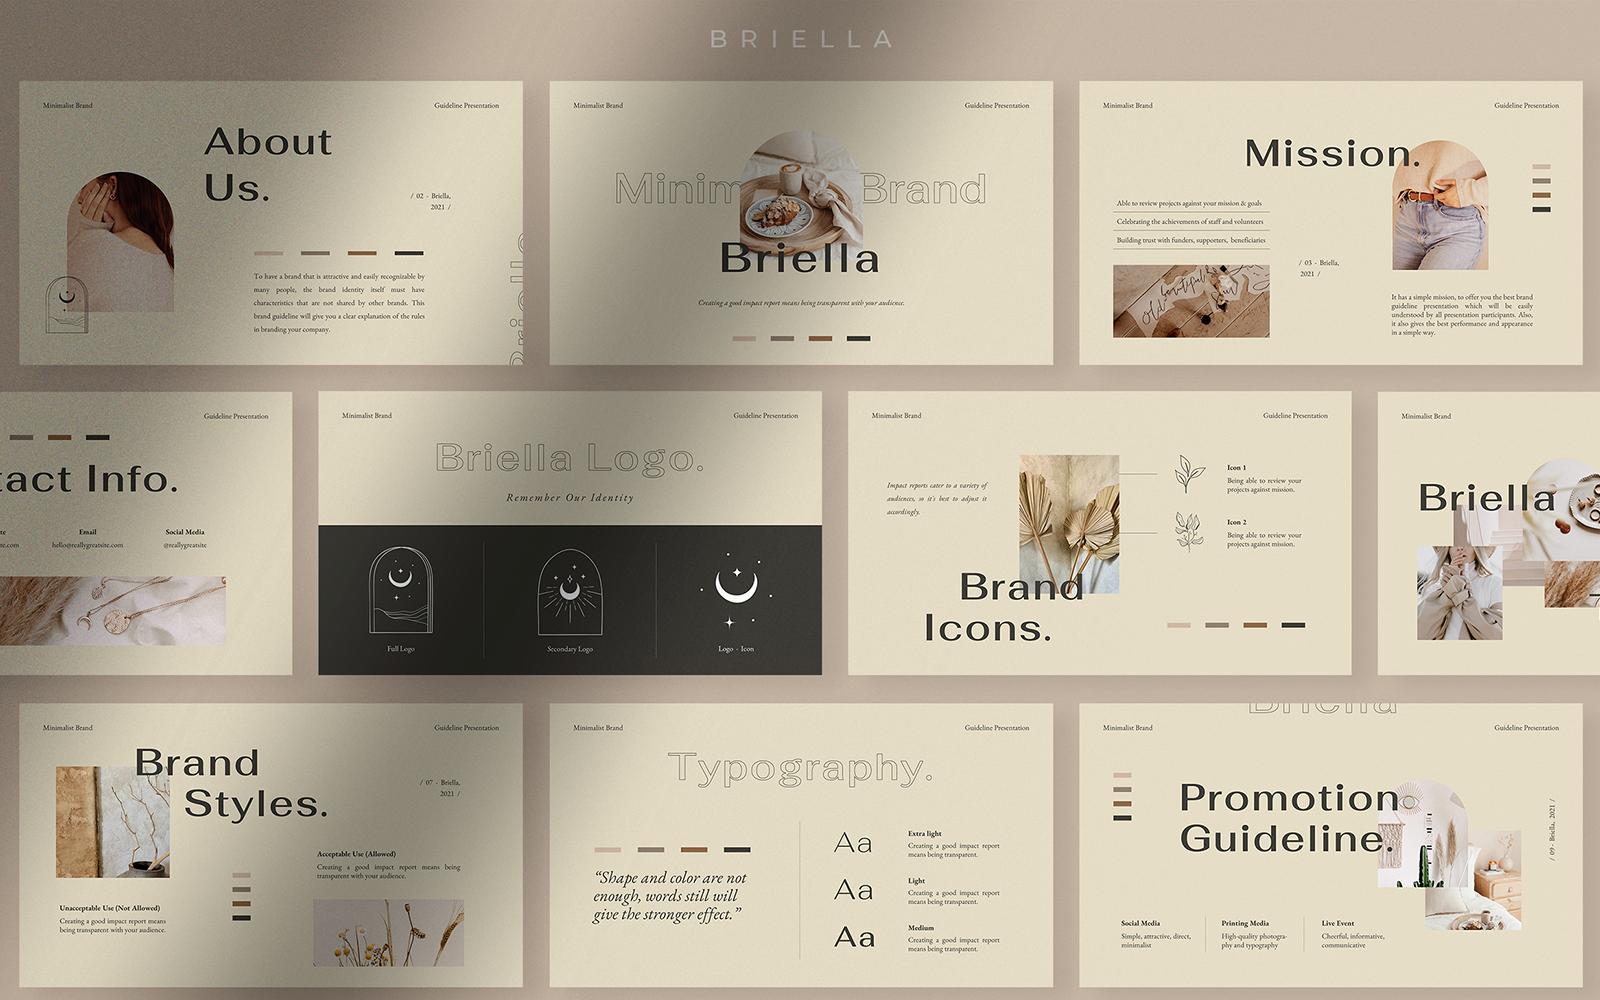 Briella - Minimalist Brand Guideline PowerPoint Template